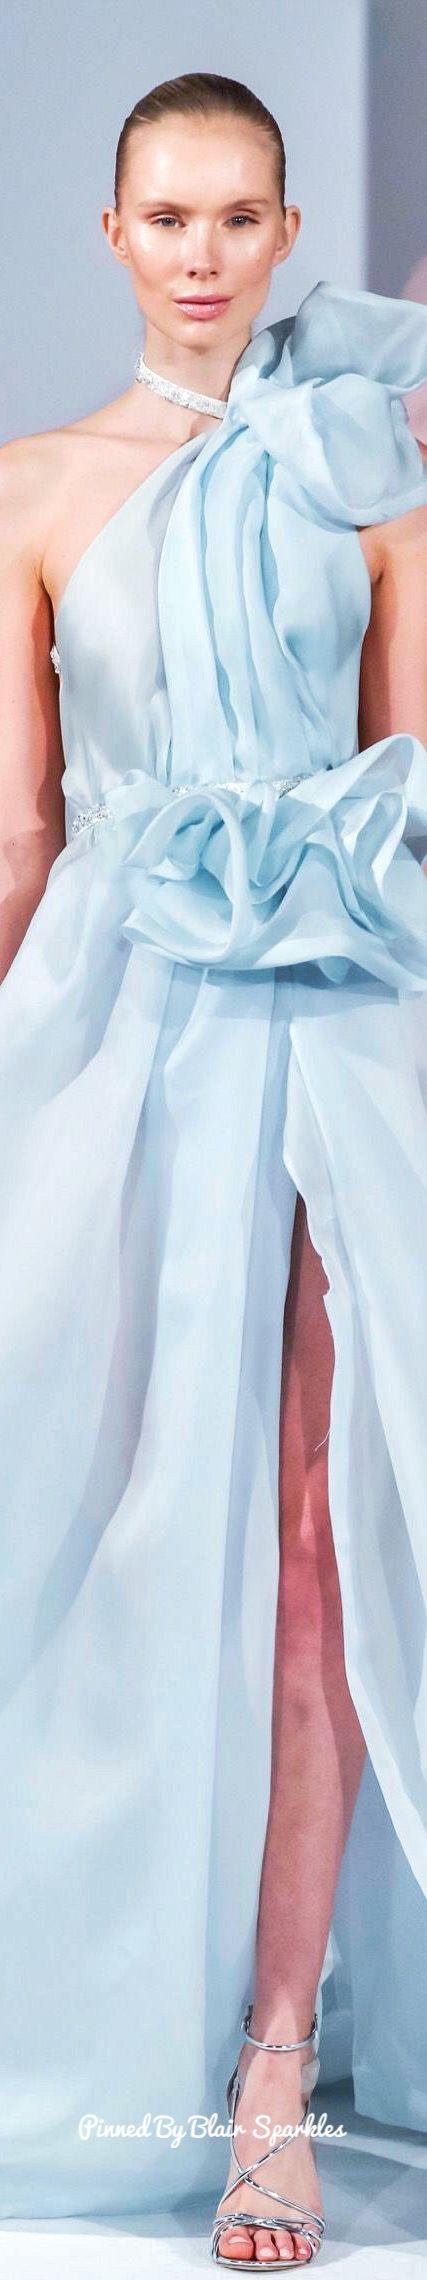 Celia Kritharioti Spring Couture 2017♕♚εїз   BLAIR SPARKLES  